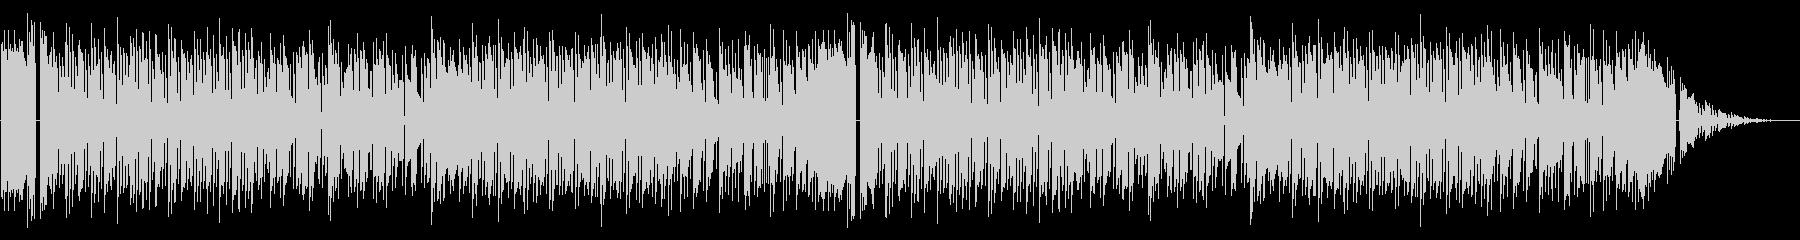 NES STG C04-1(ステージ3)の未再生の波形